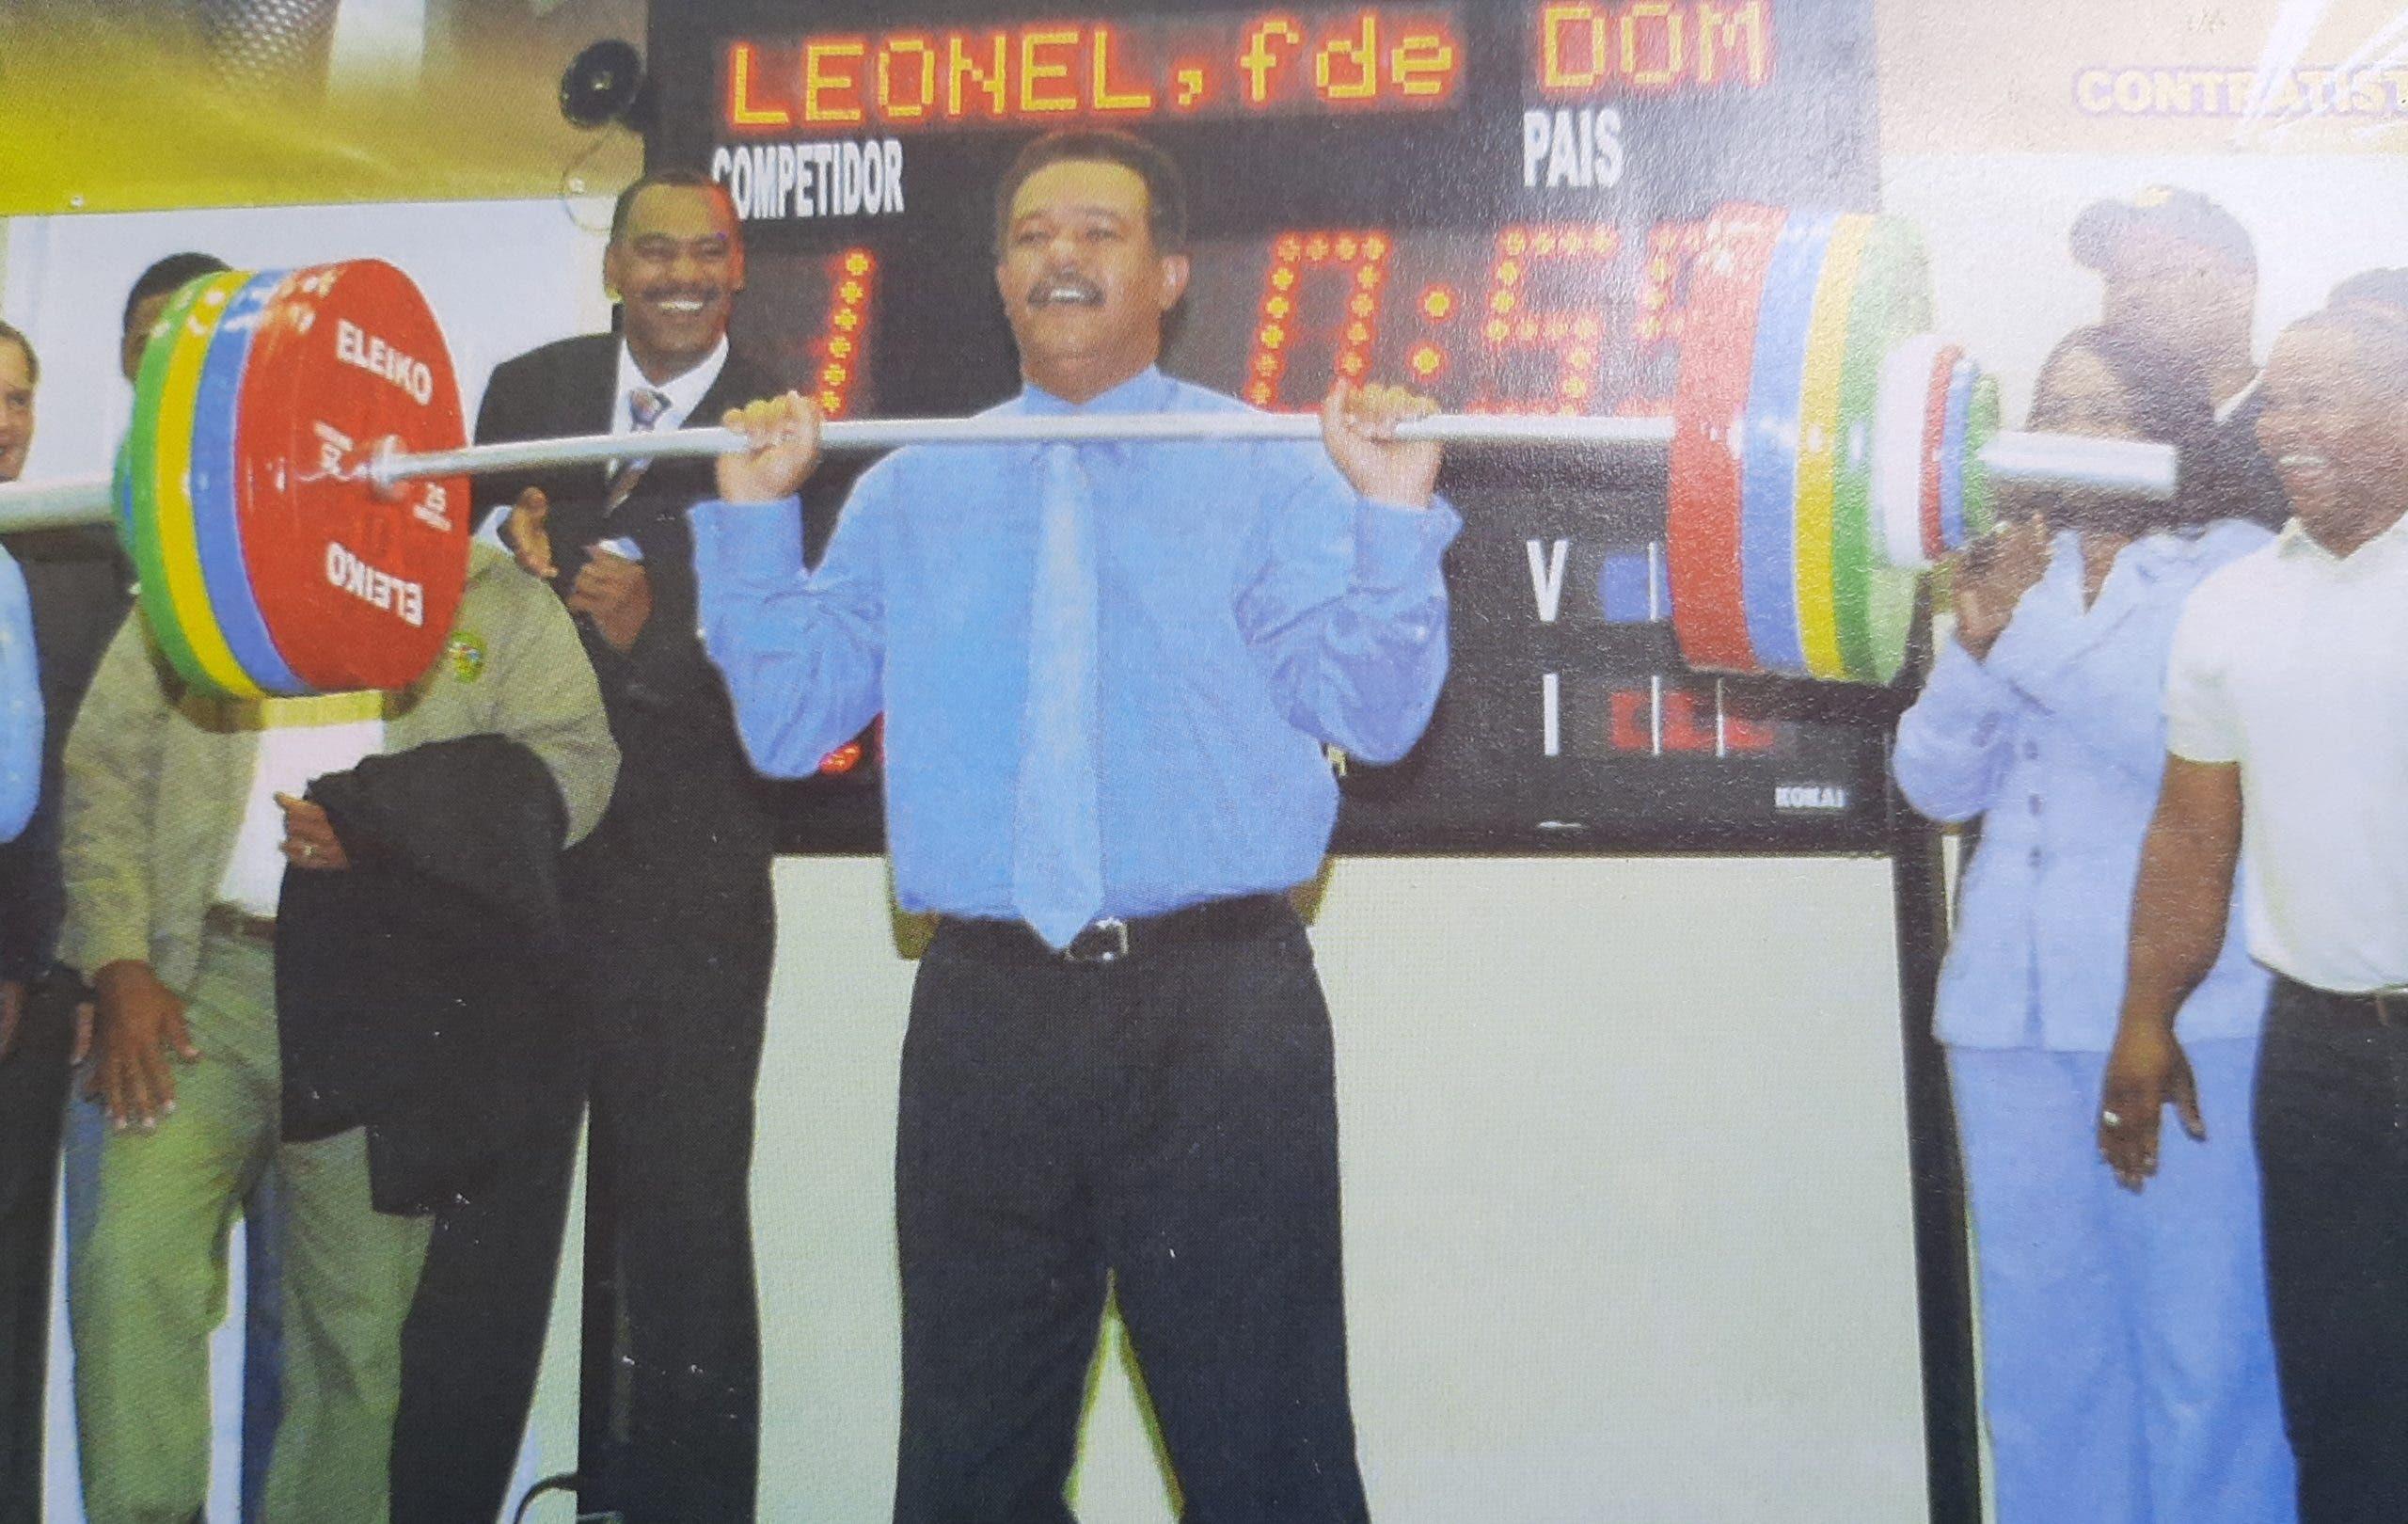 Leonel y Payano resaltan medalla lograda por pesista Crismery Santana en Tokio